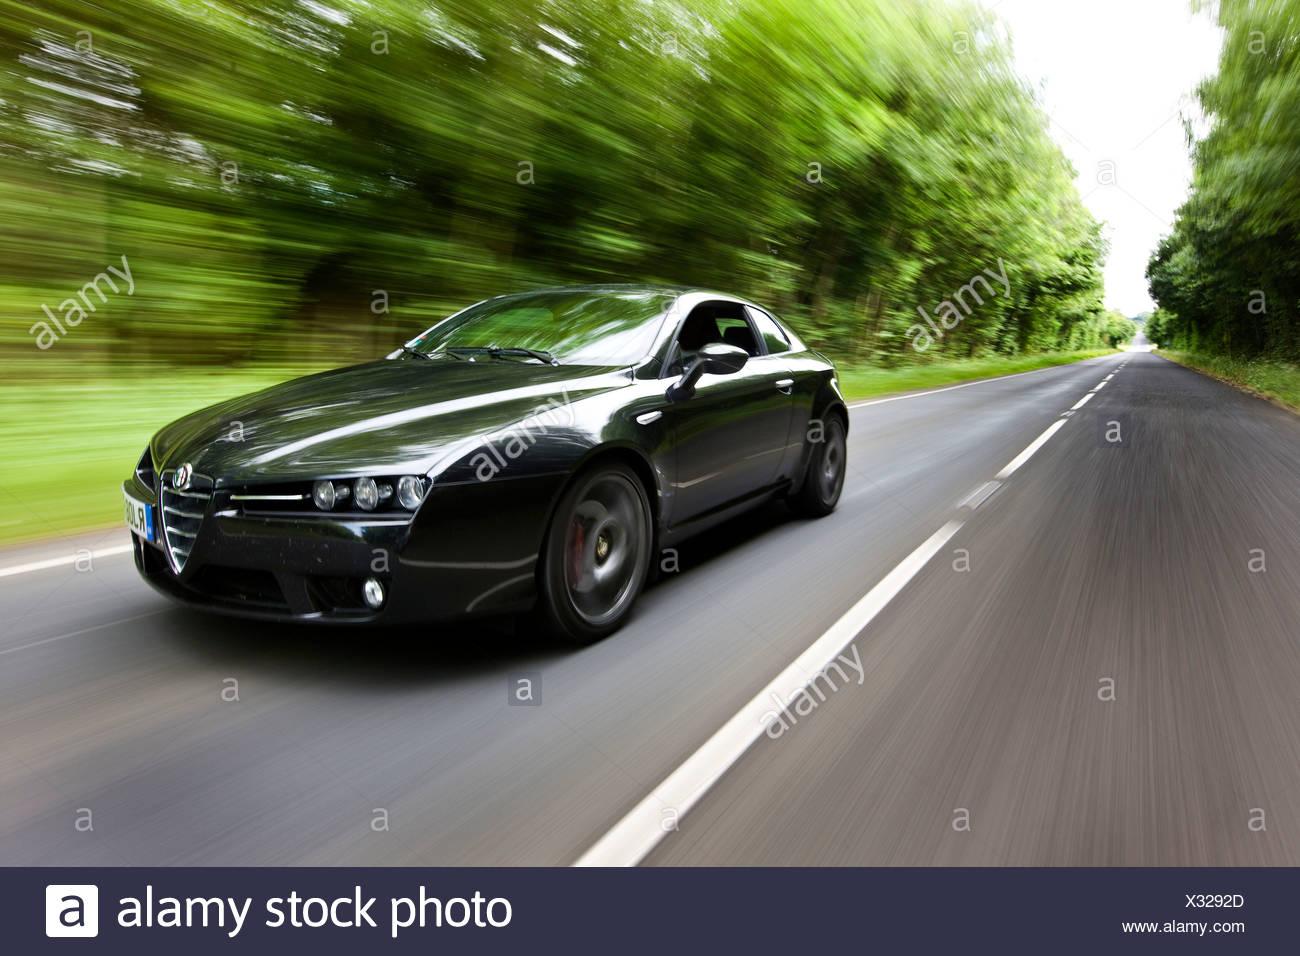 Alfa Romeo Brera S V6 Italian sports cars - Stock Image